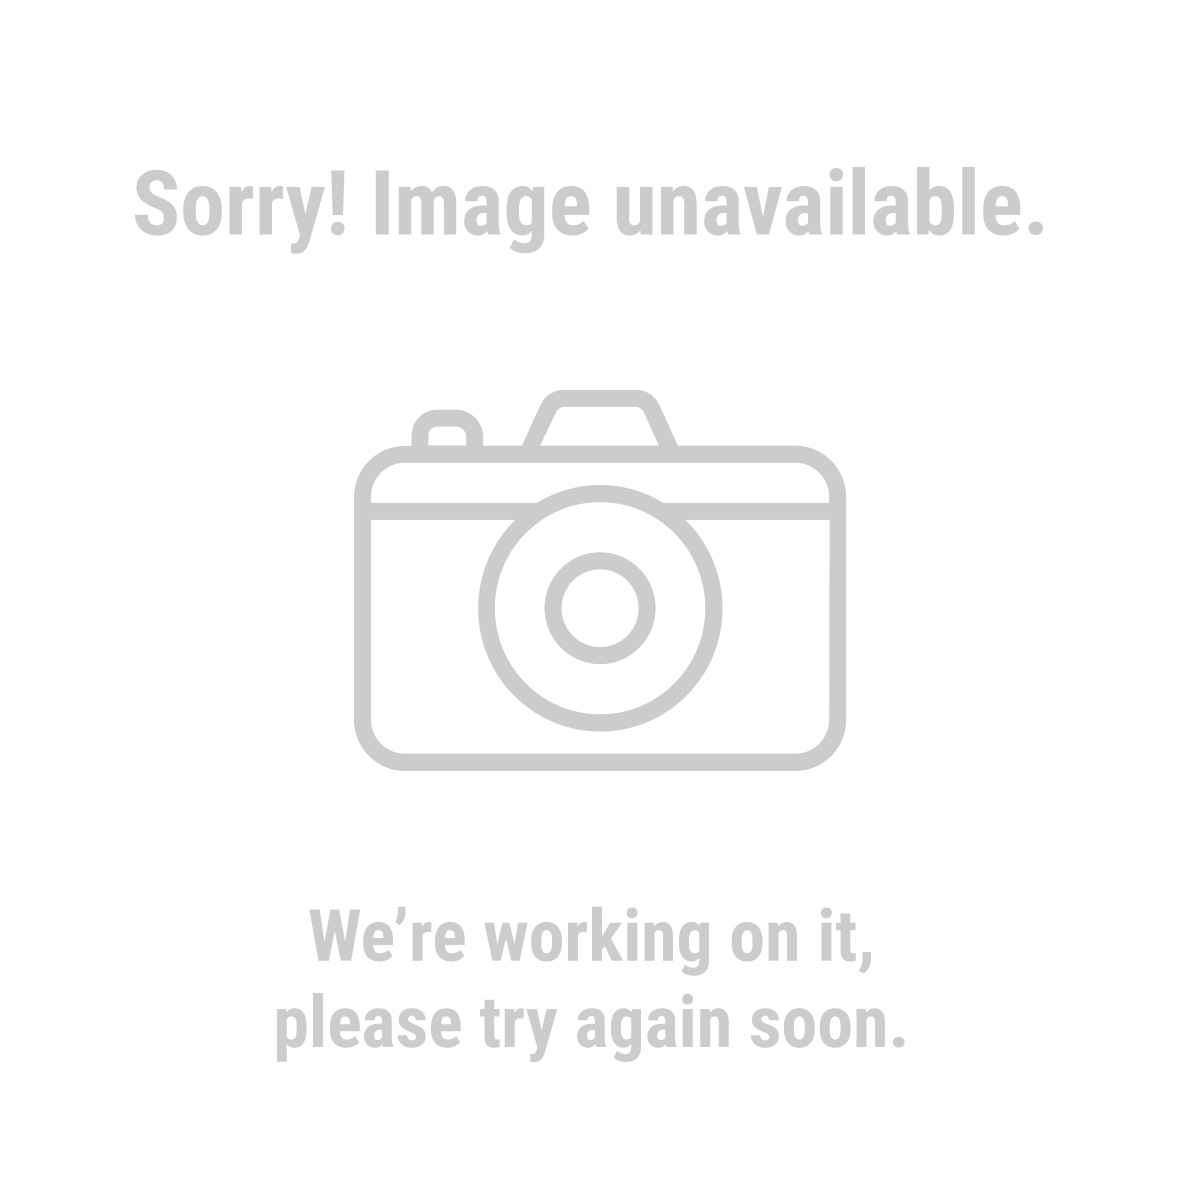 Zzz Alt on Predator 420cc Engine